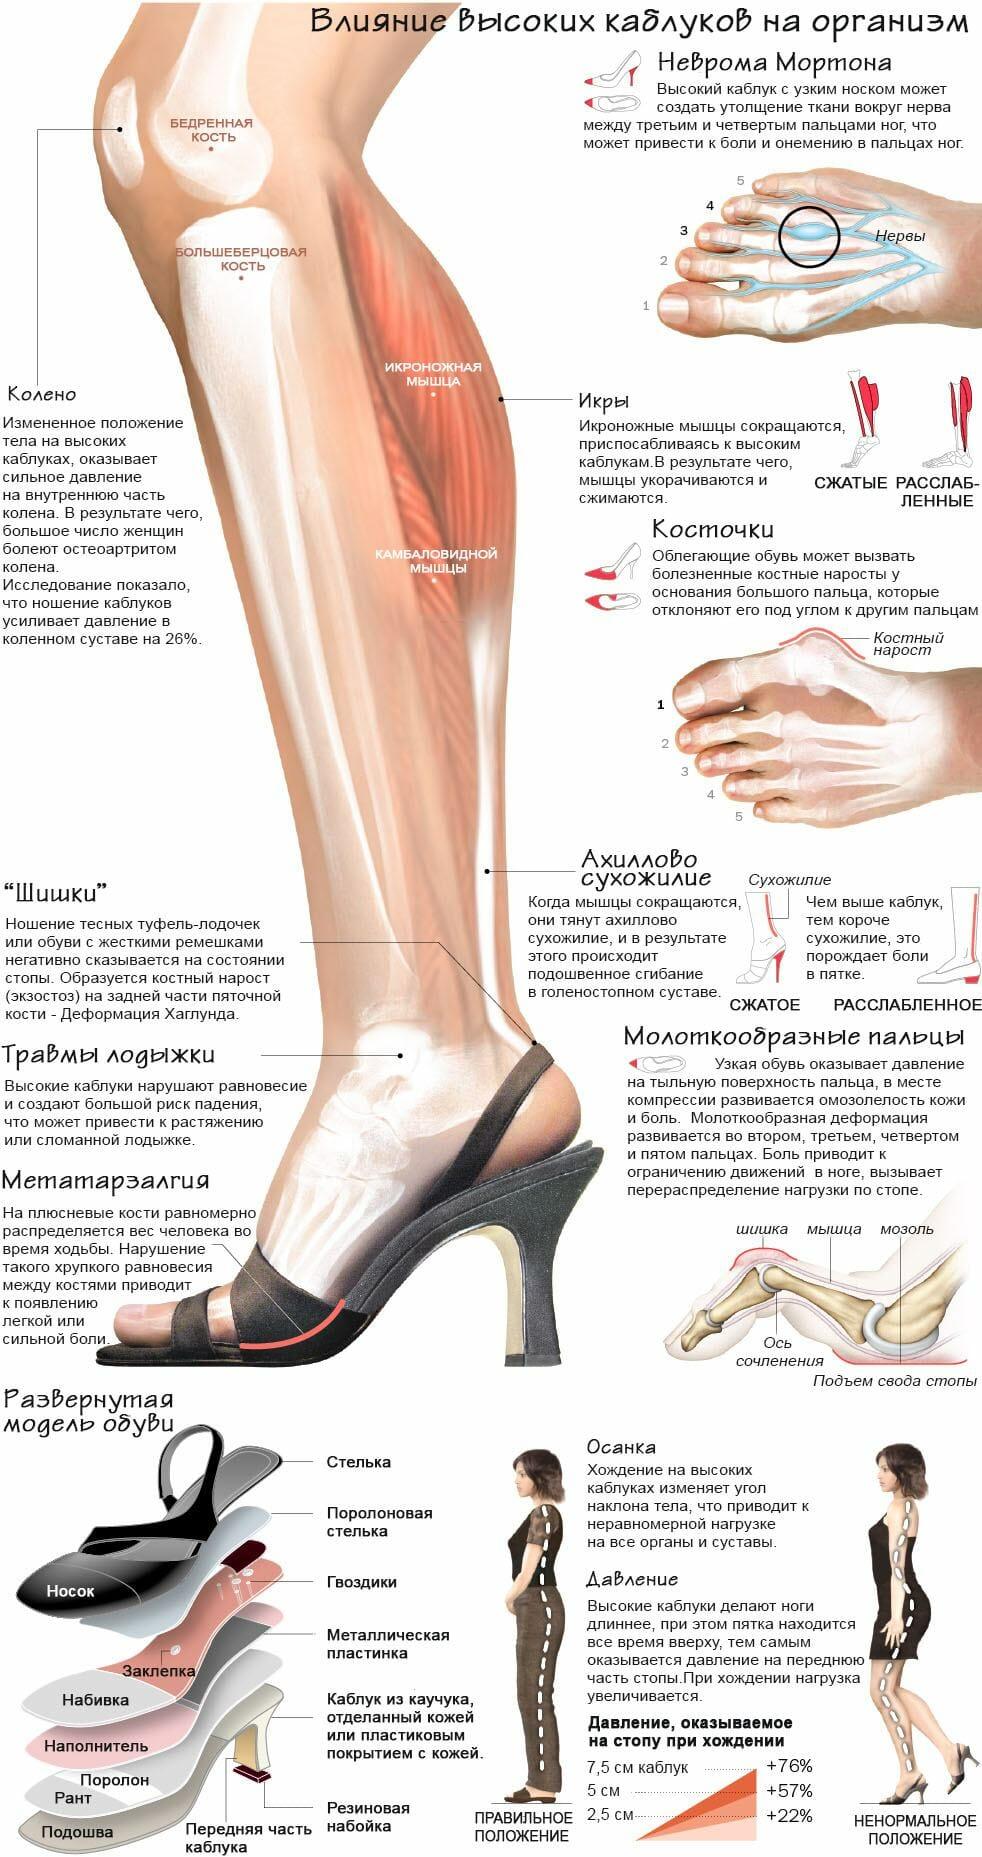 Негативное влияние каблуков памятка 1